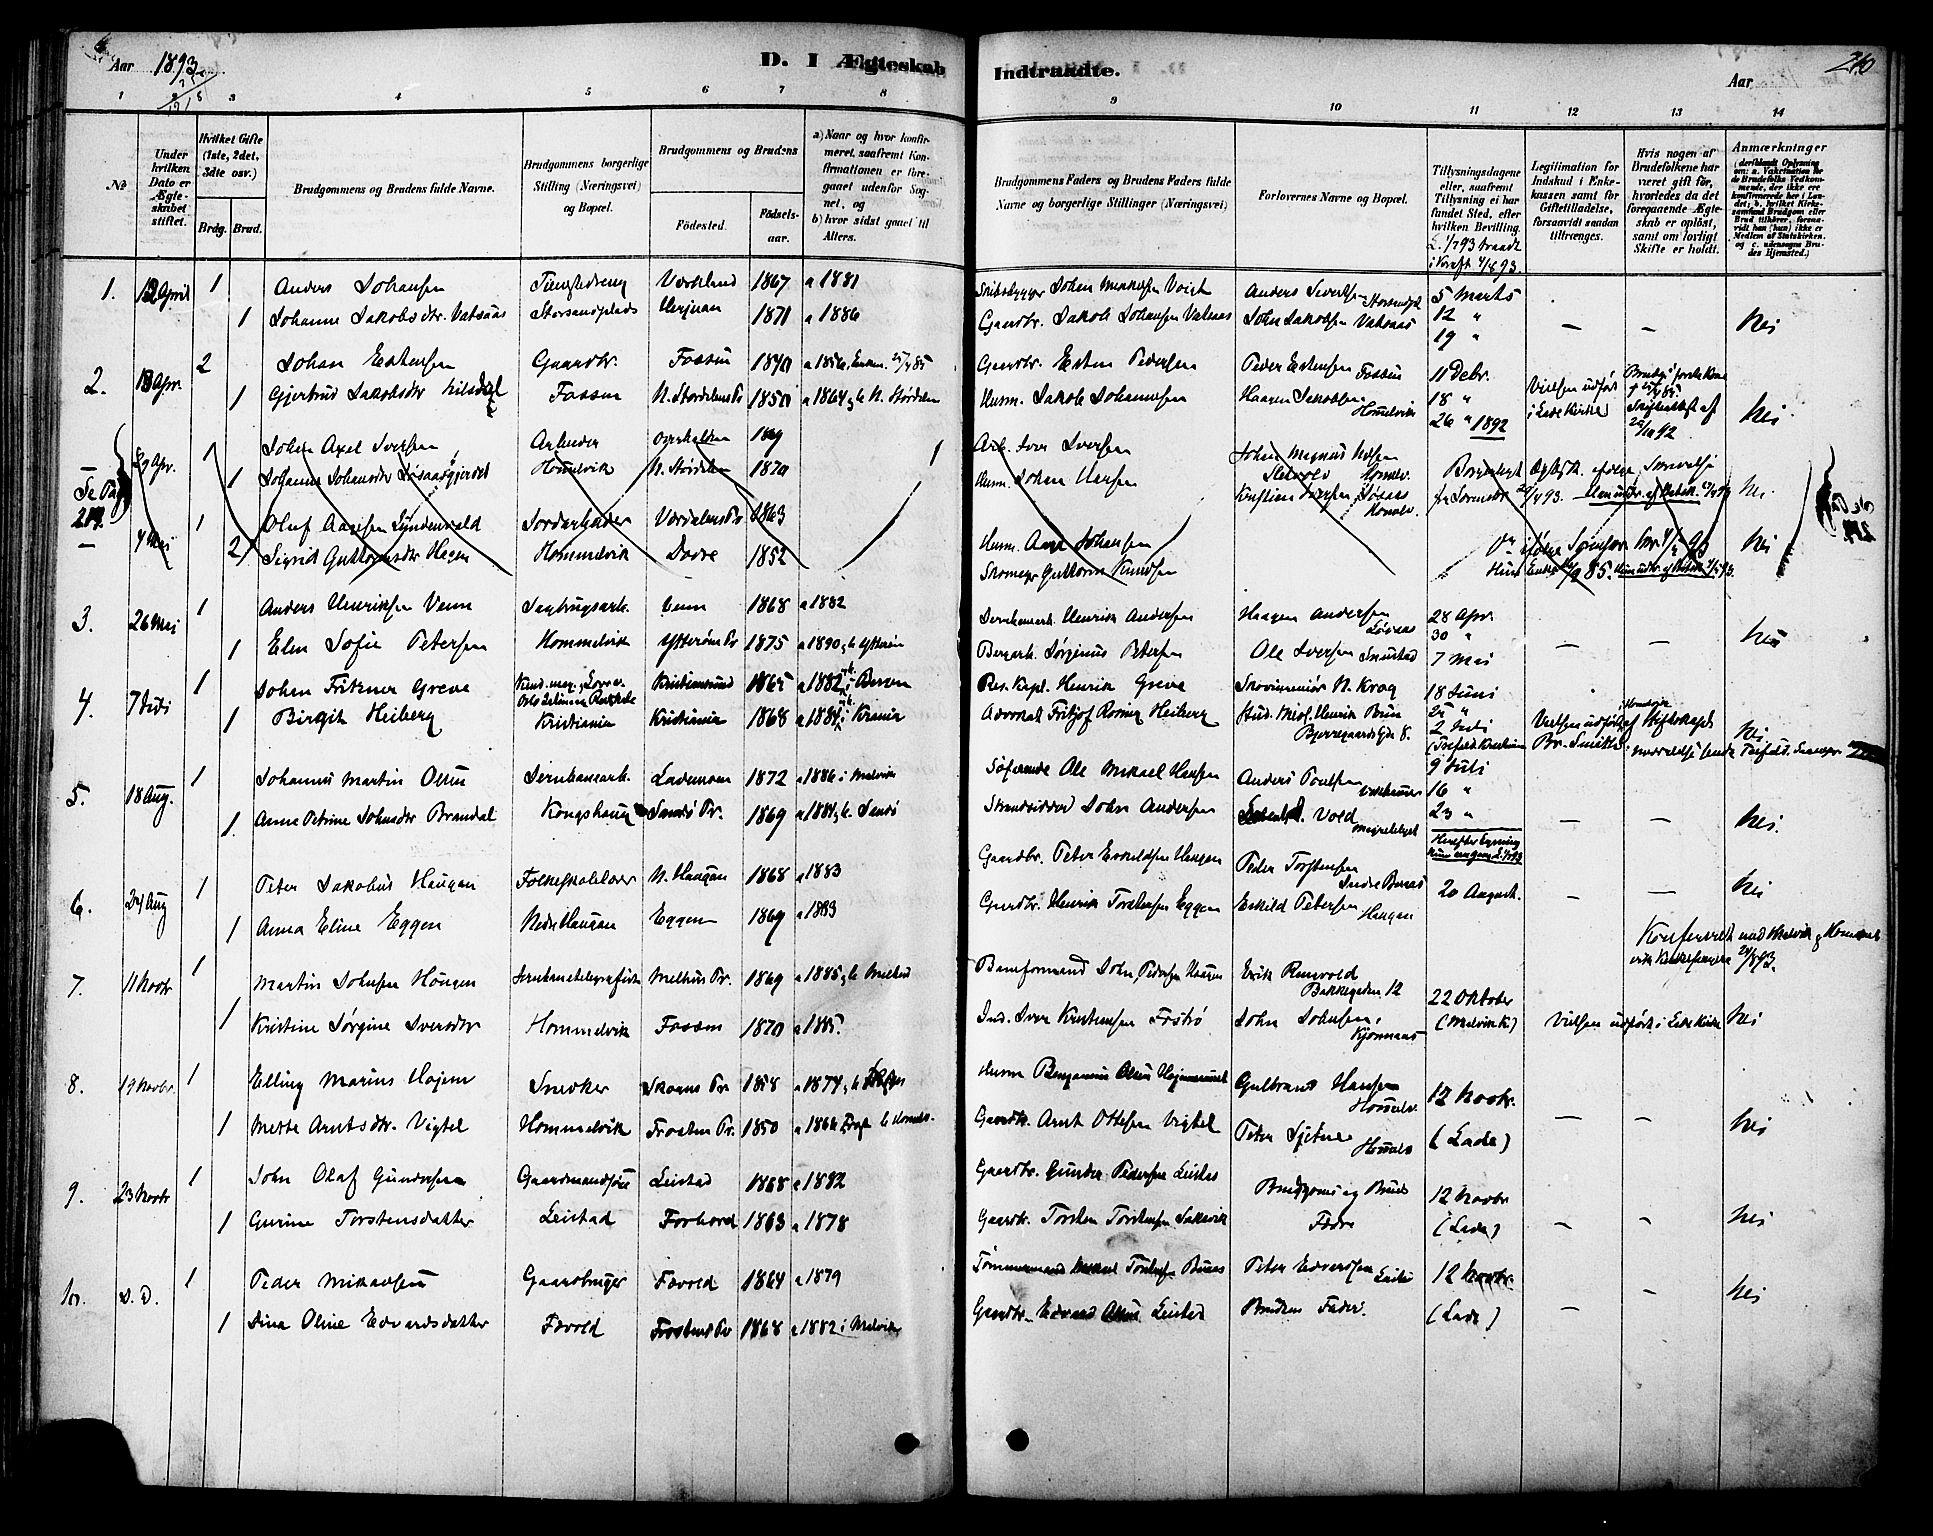 SAT, Ministerialprotokoller, klokkerbøker og fødselsregistre - Sør-Trøndelag, 616/L0410: Ministerialbok nr. 616A07, 1878-1893, s. 210